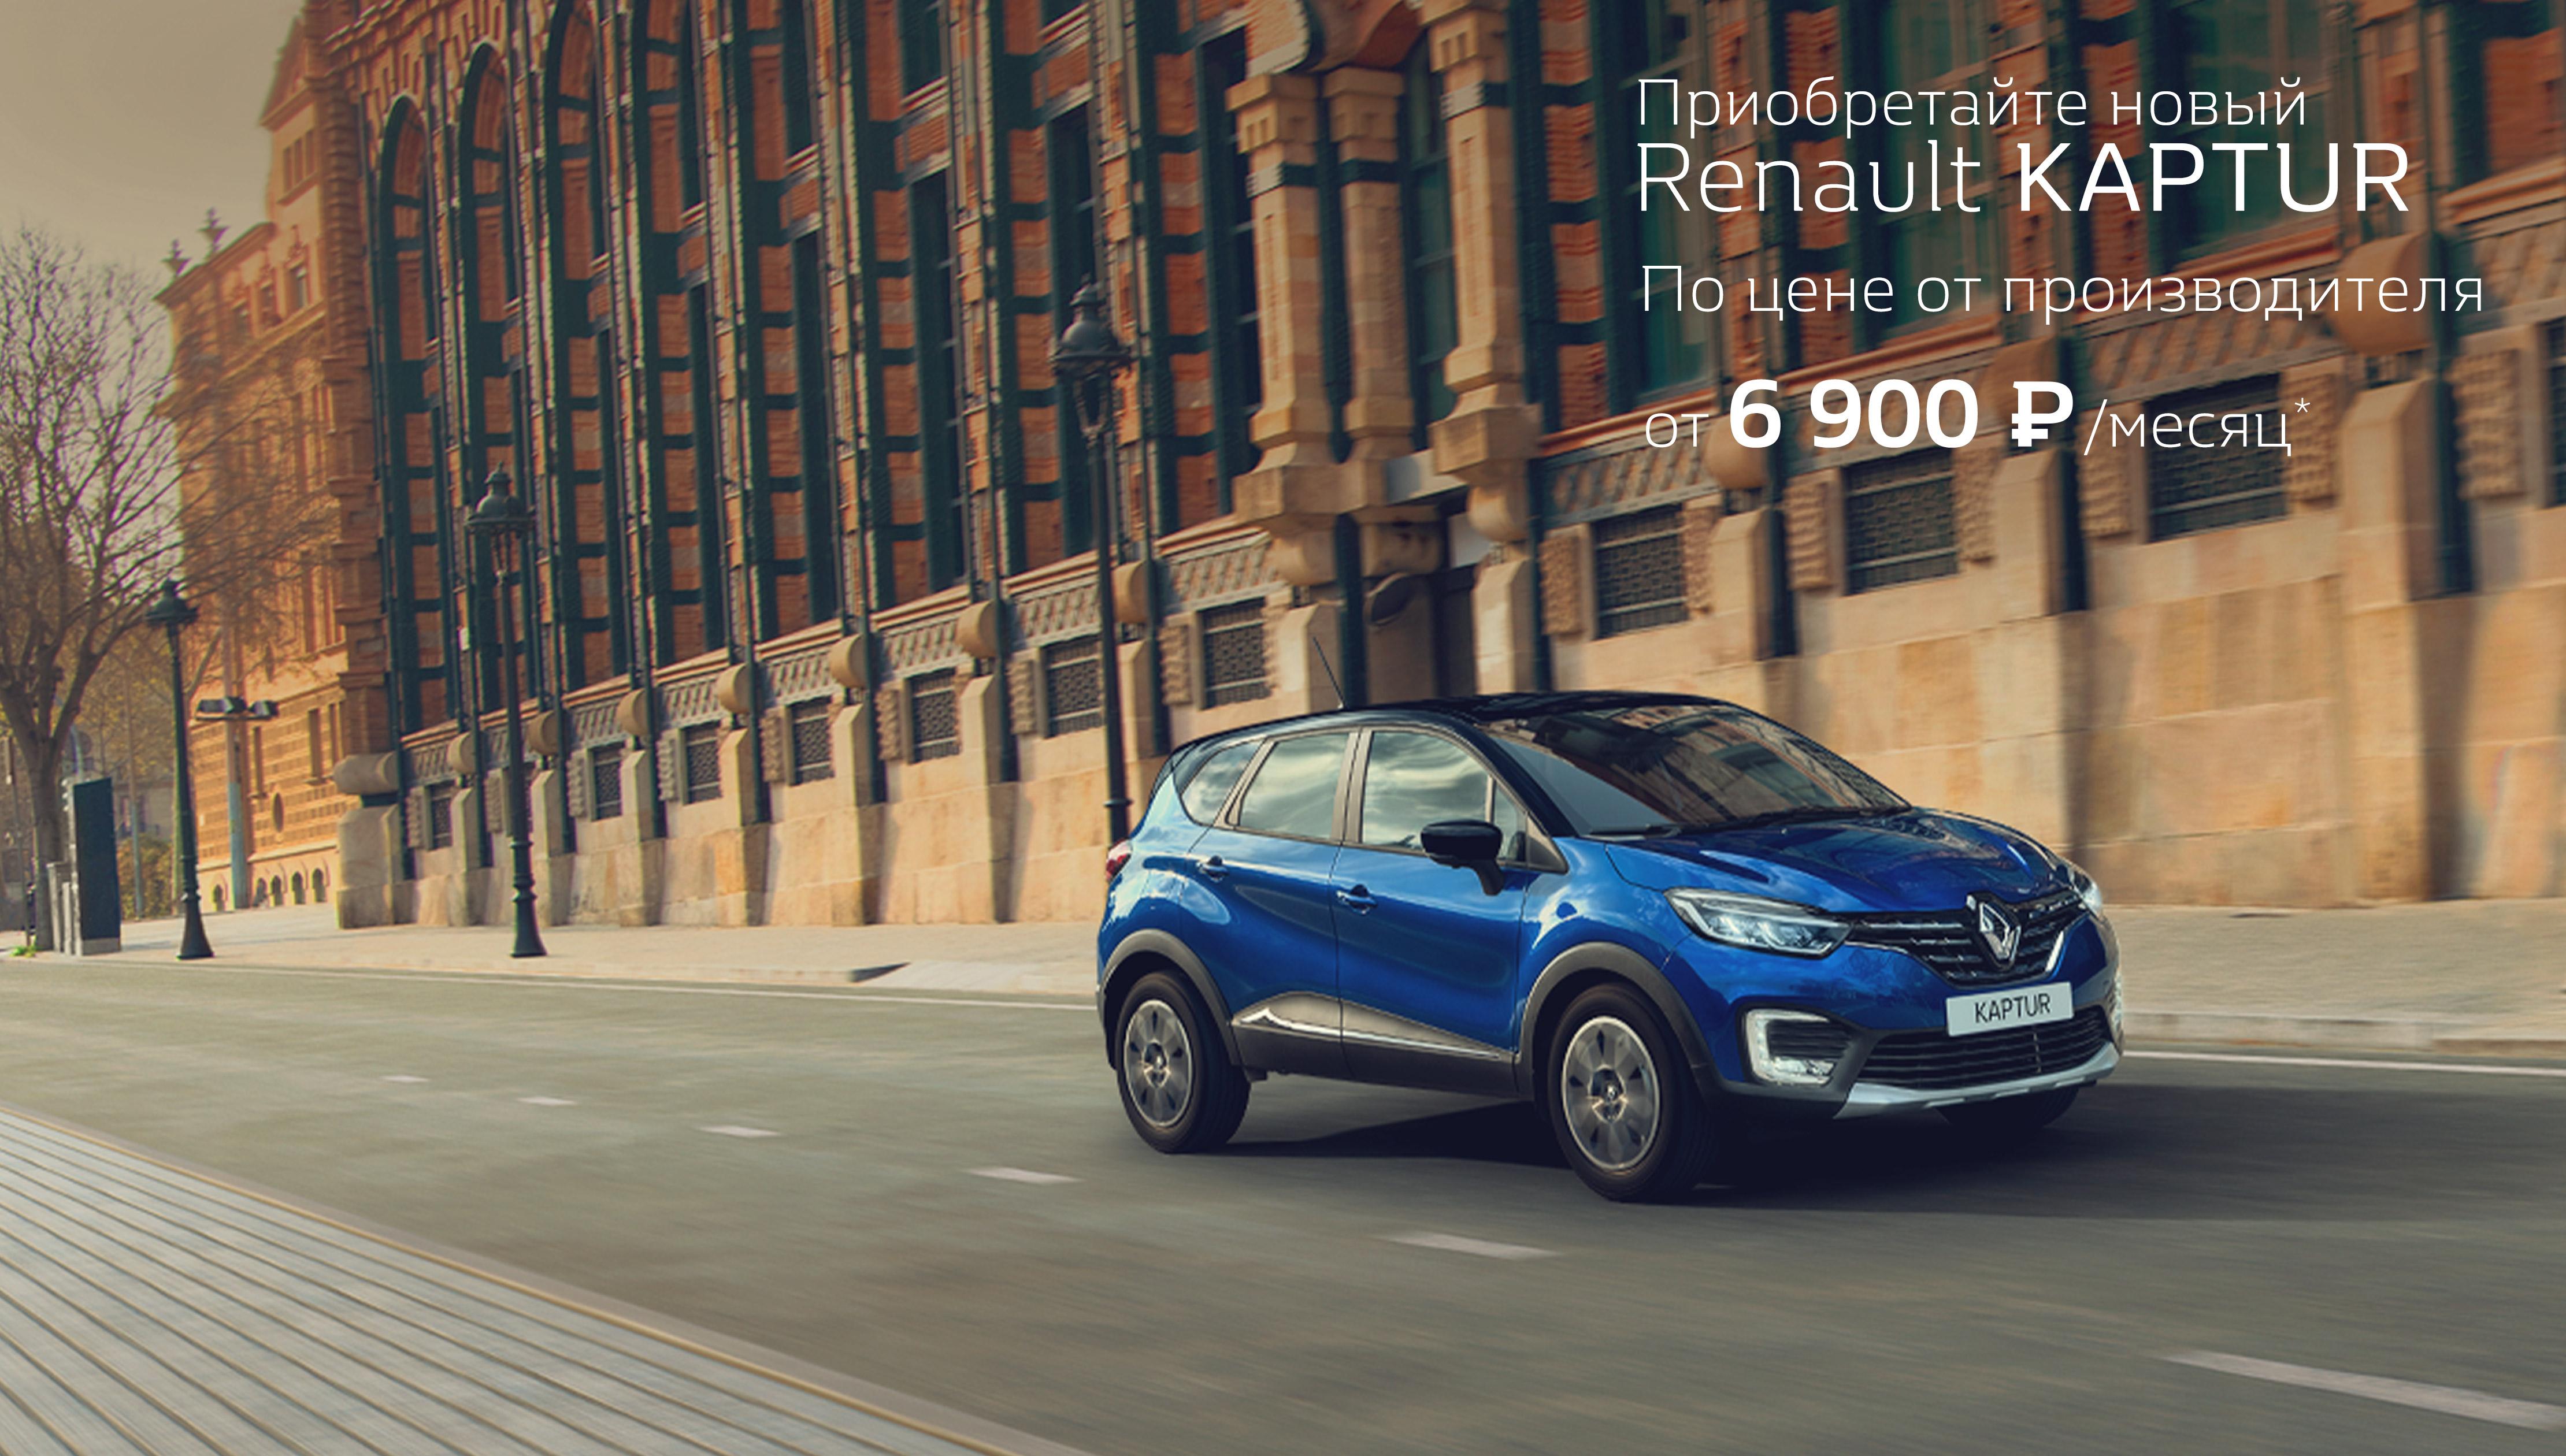 Станьте владельцем нового Renault KAPTUR сегодня!